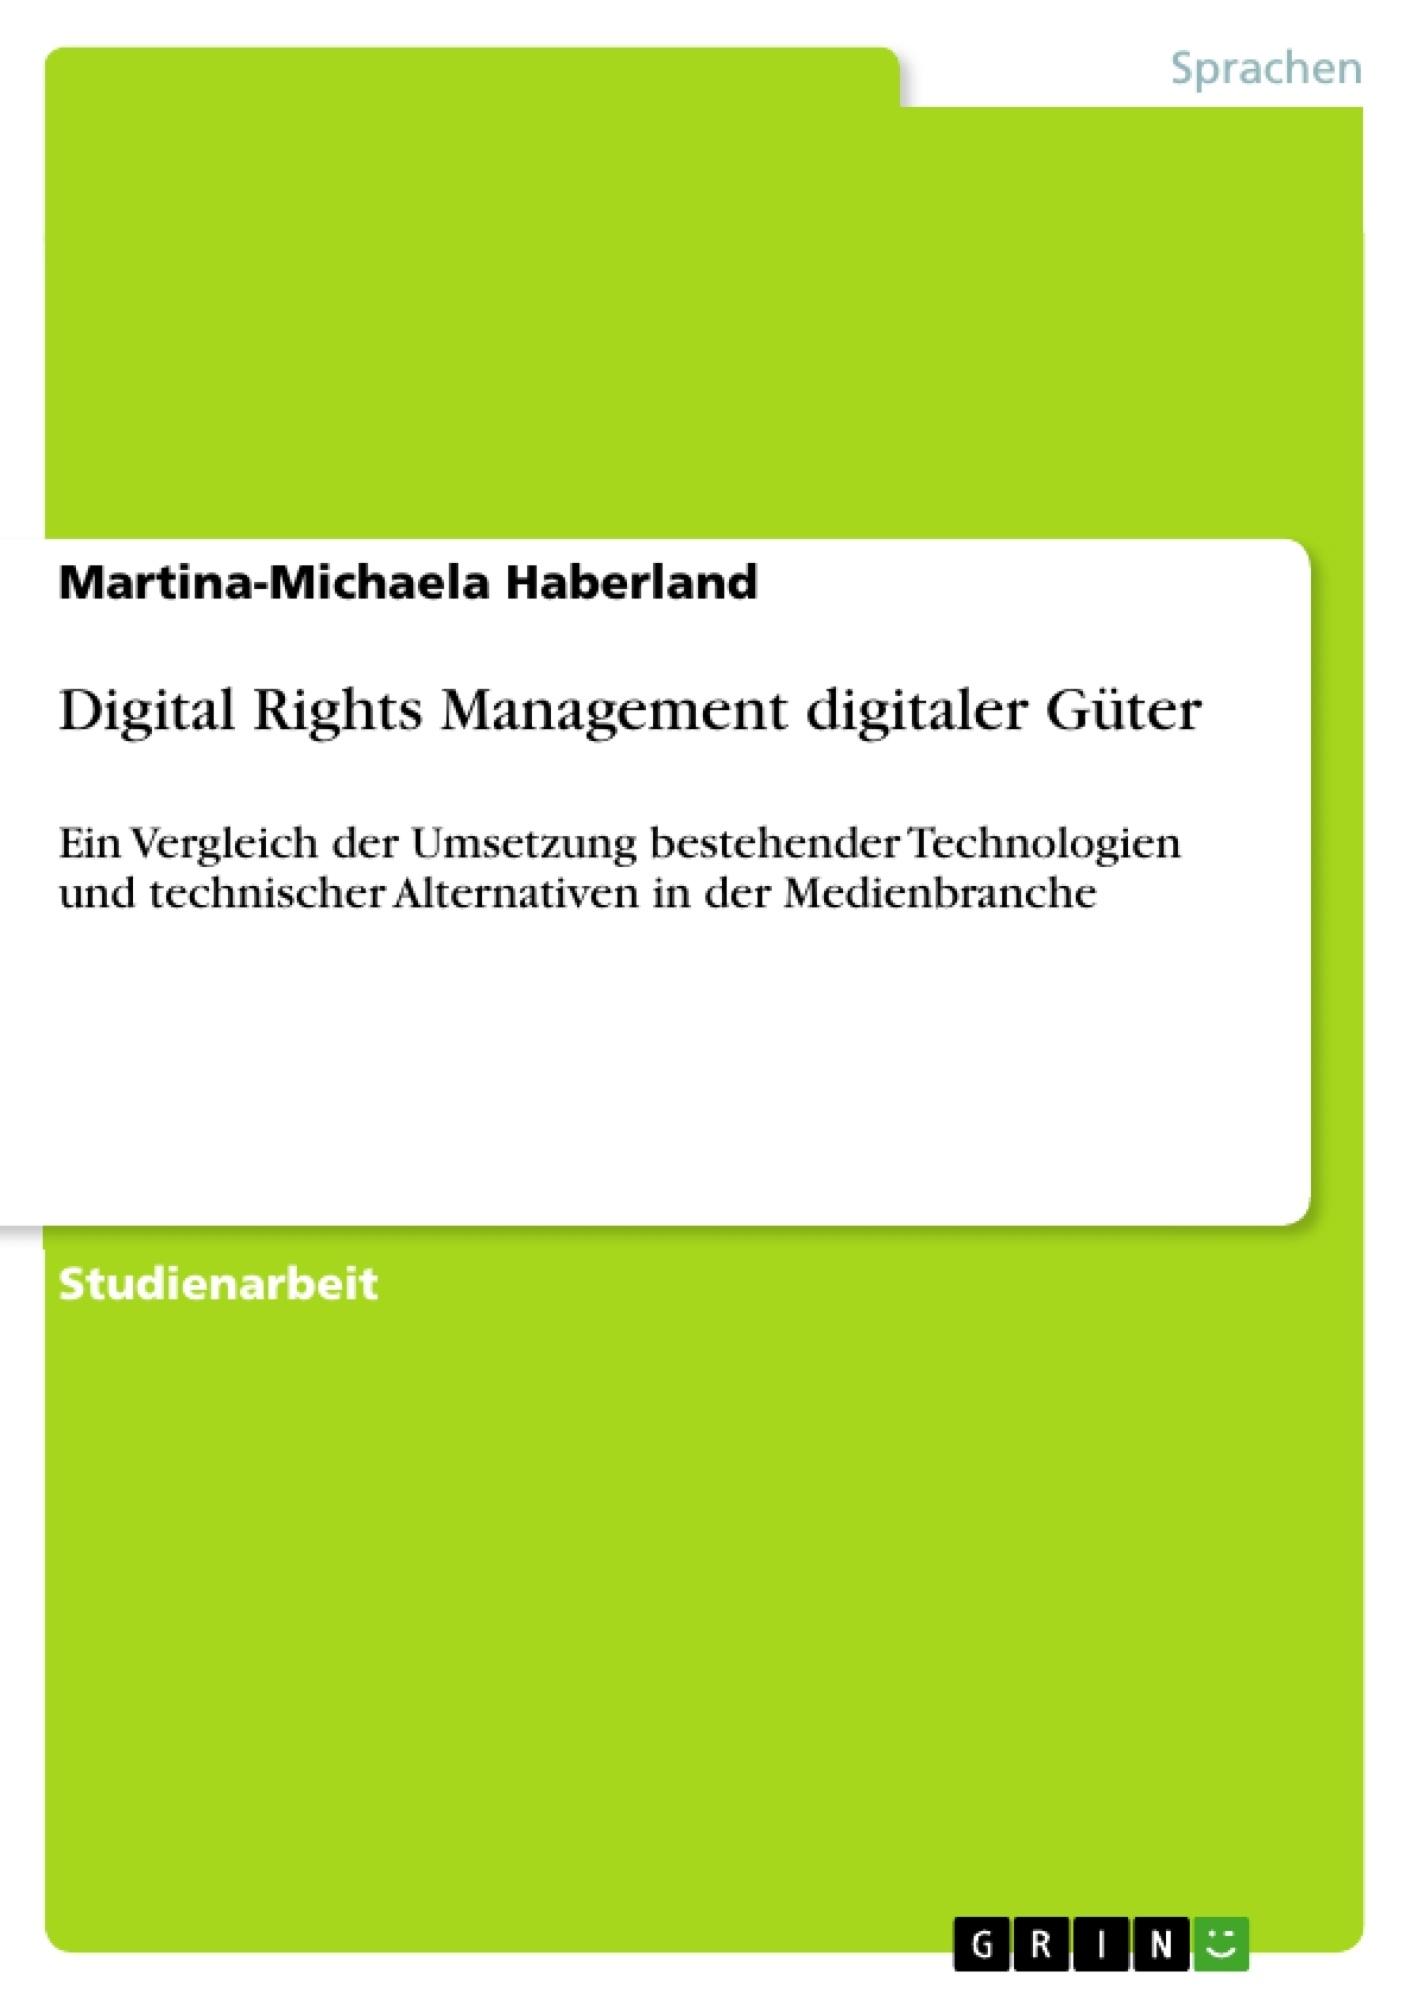 Titel: Digital Rights Management digitaler Güter